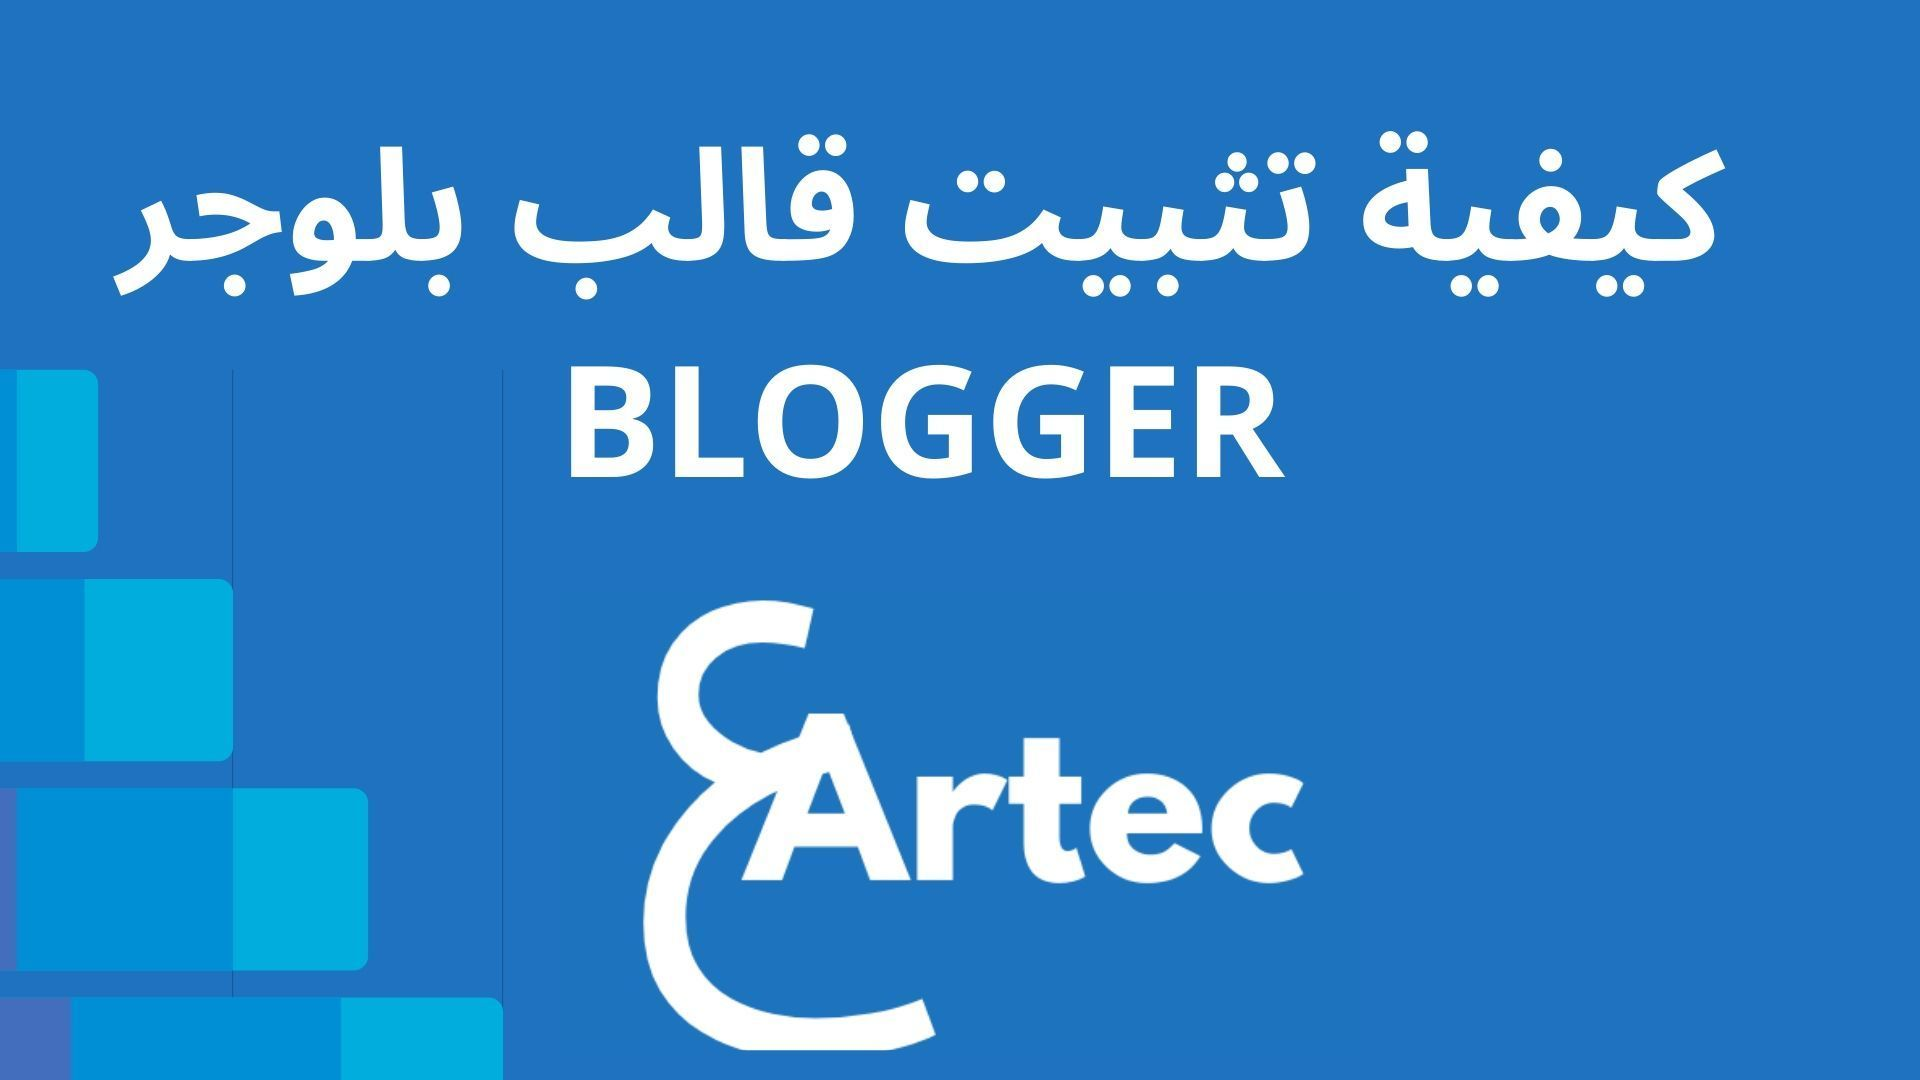 كيفية تثبيت قالب بلوجر Blogger Blogger Templates Templates Blogger